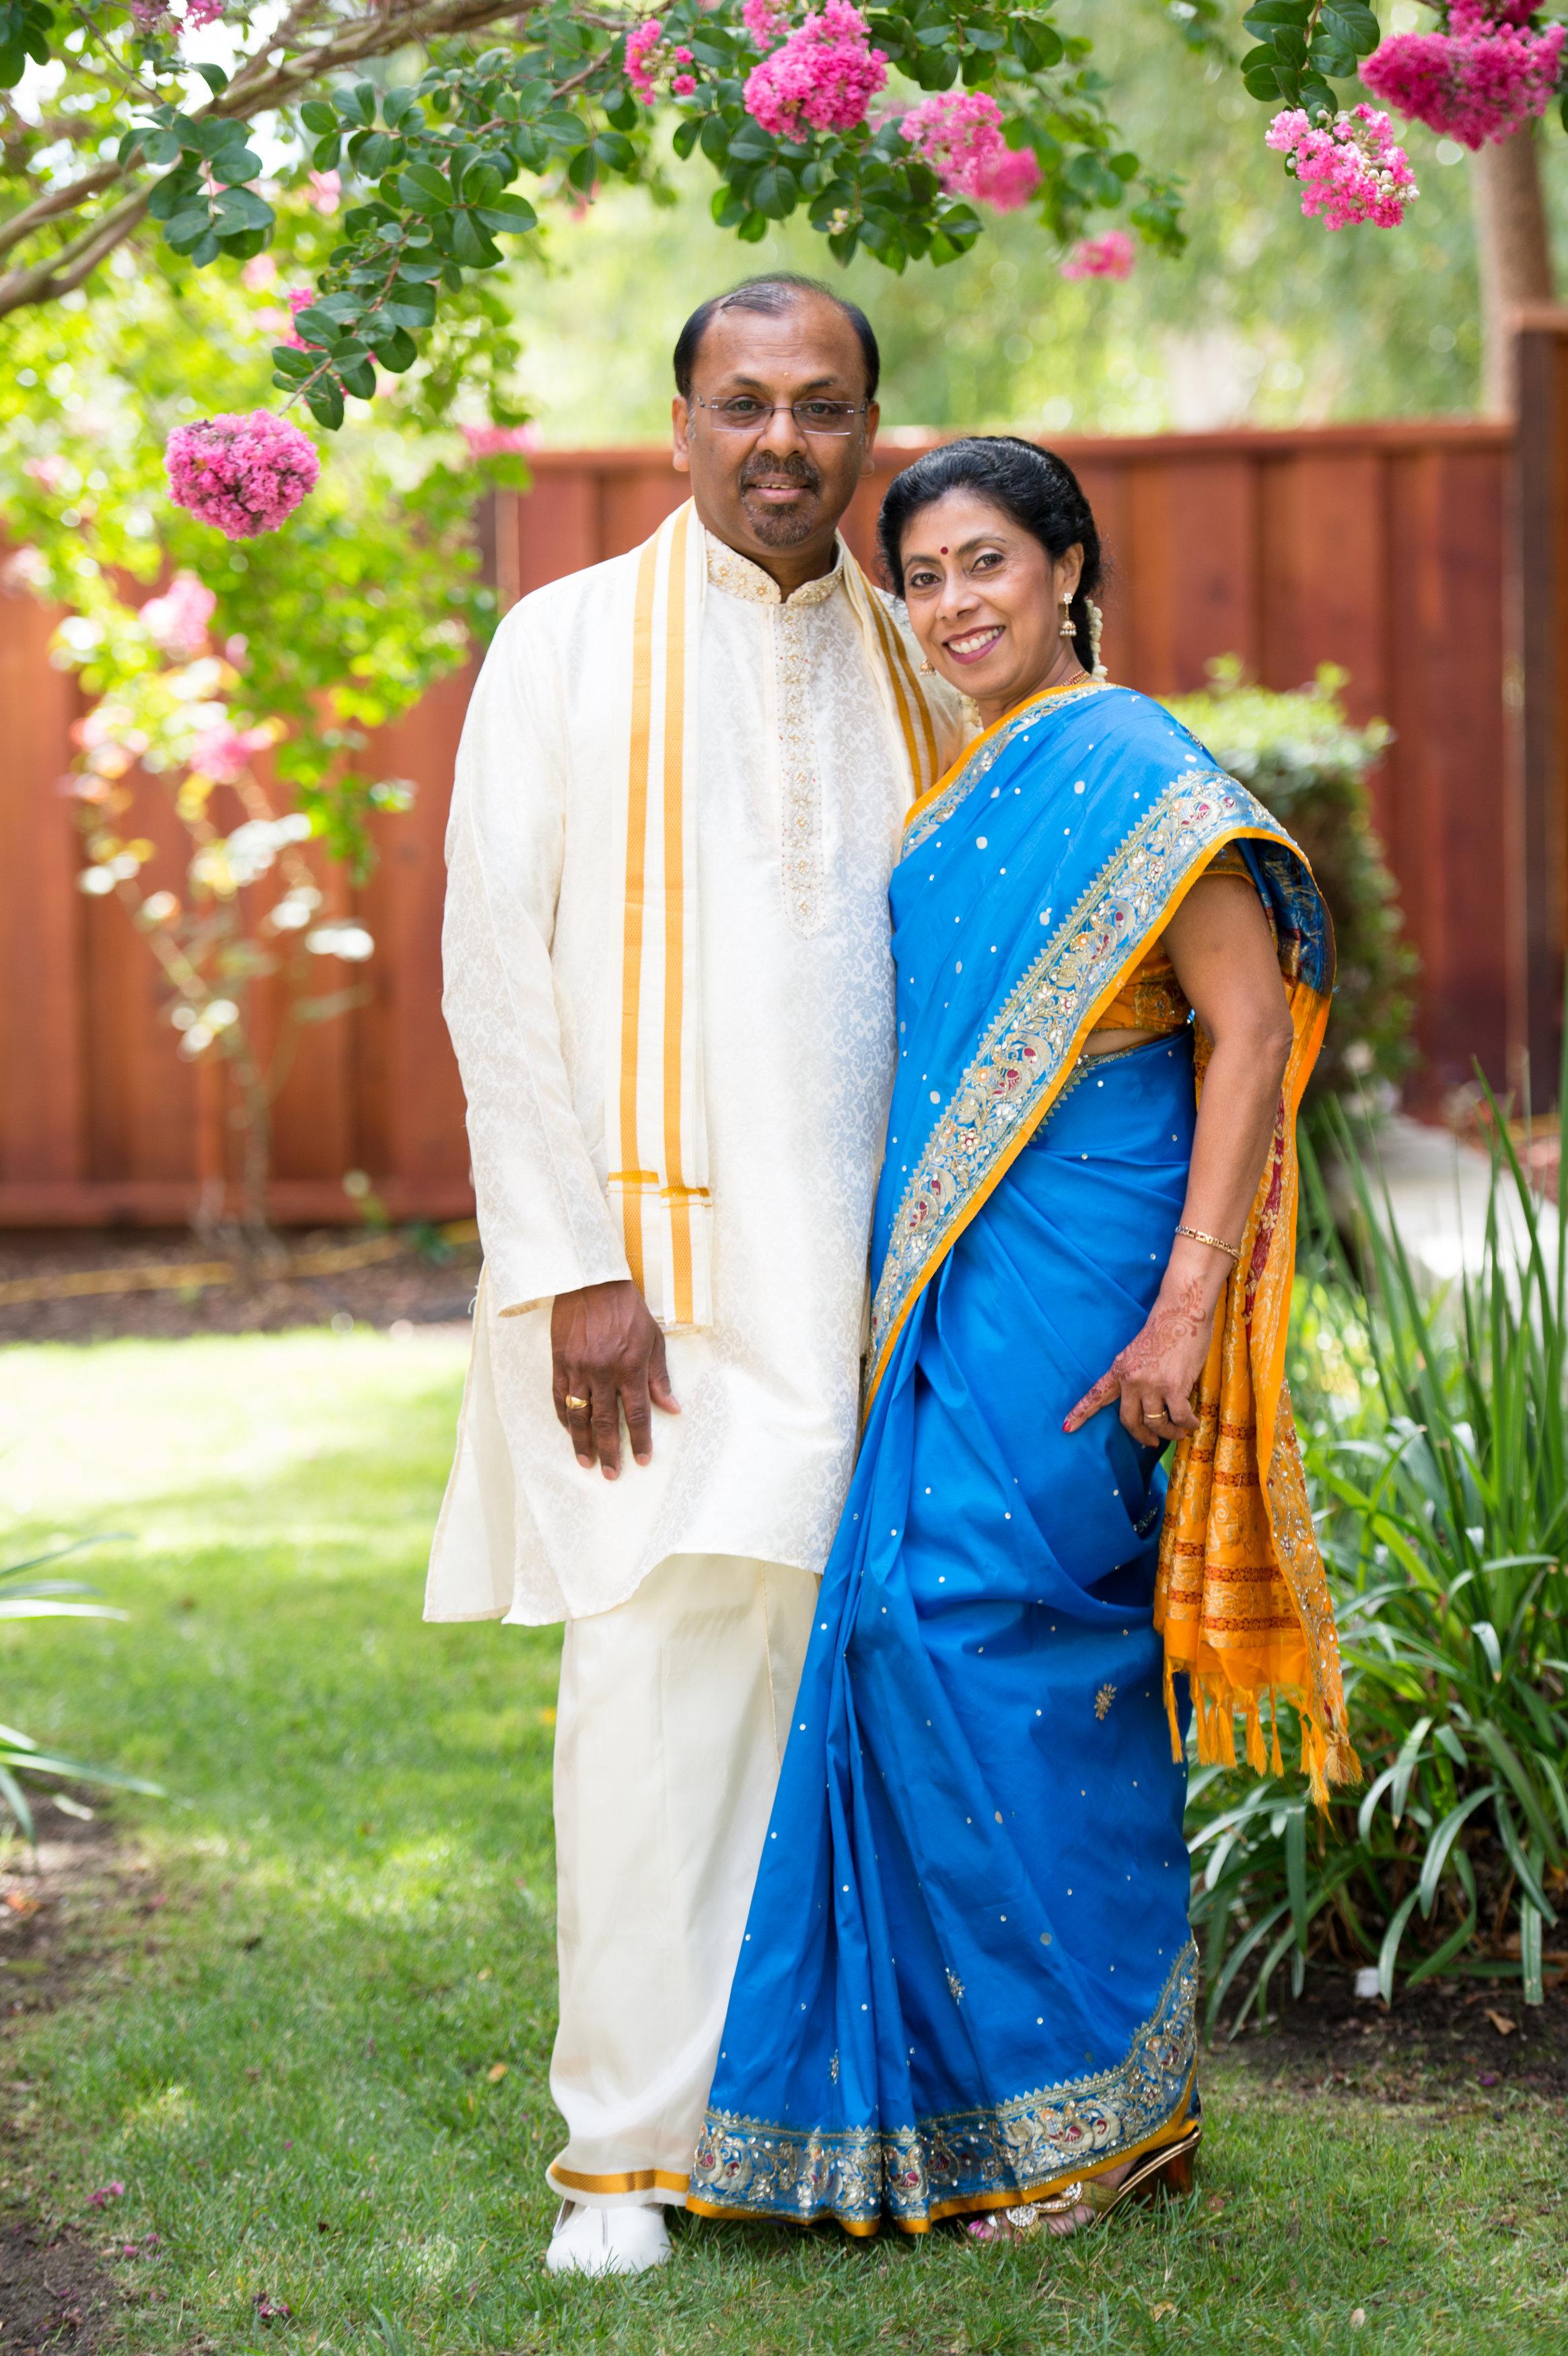 1-Sri Lankan Wedding Photography-Shiva Vishnu Temple007.jpg